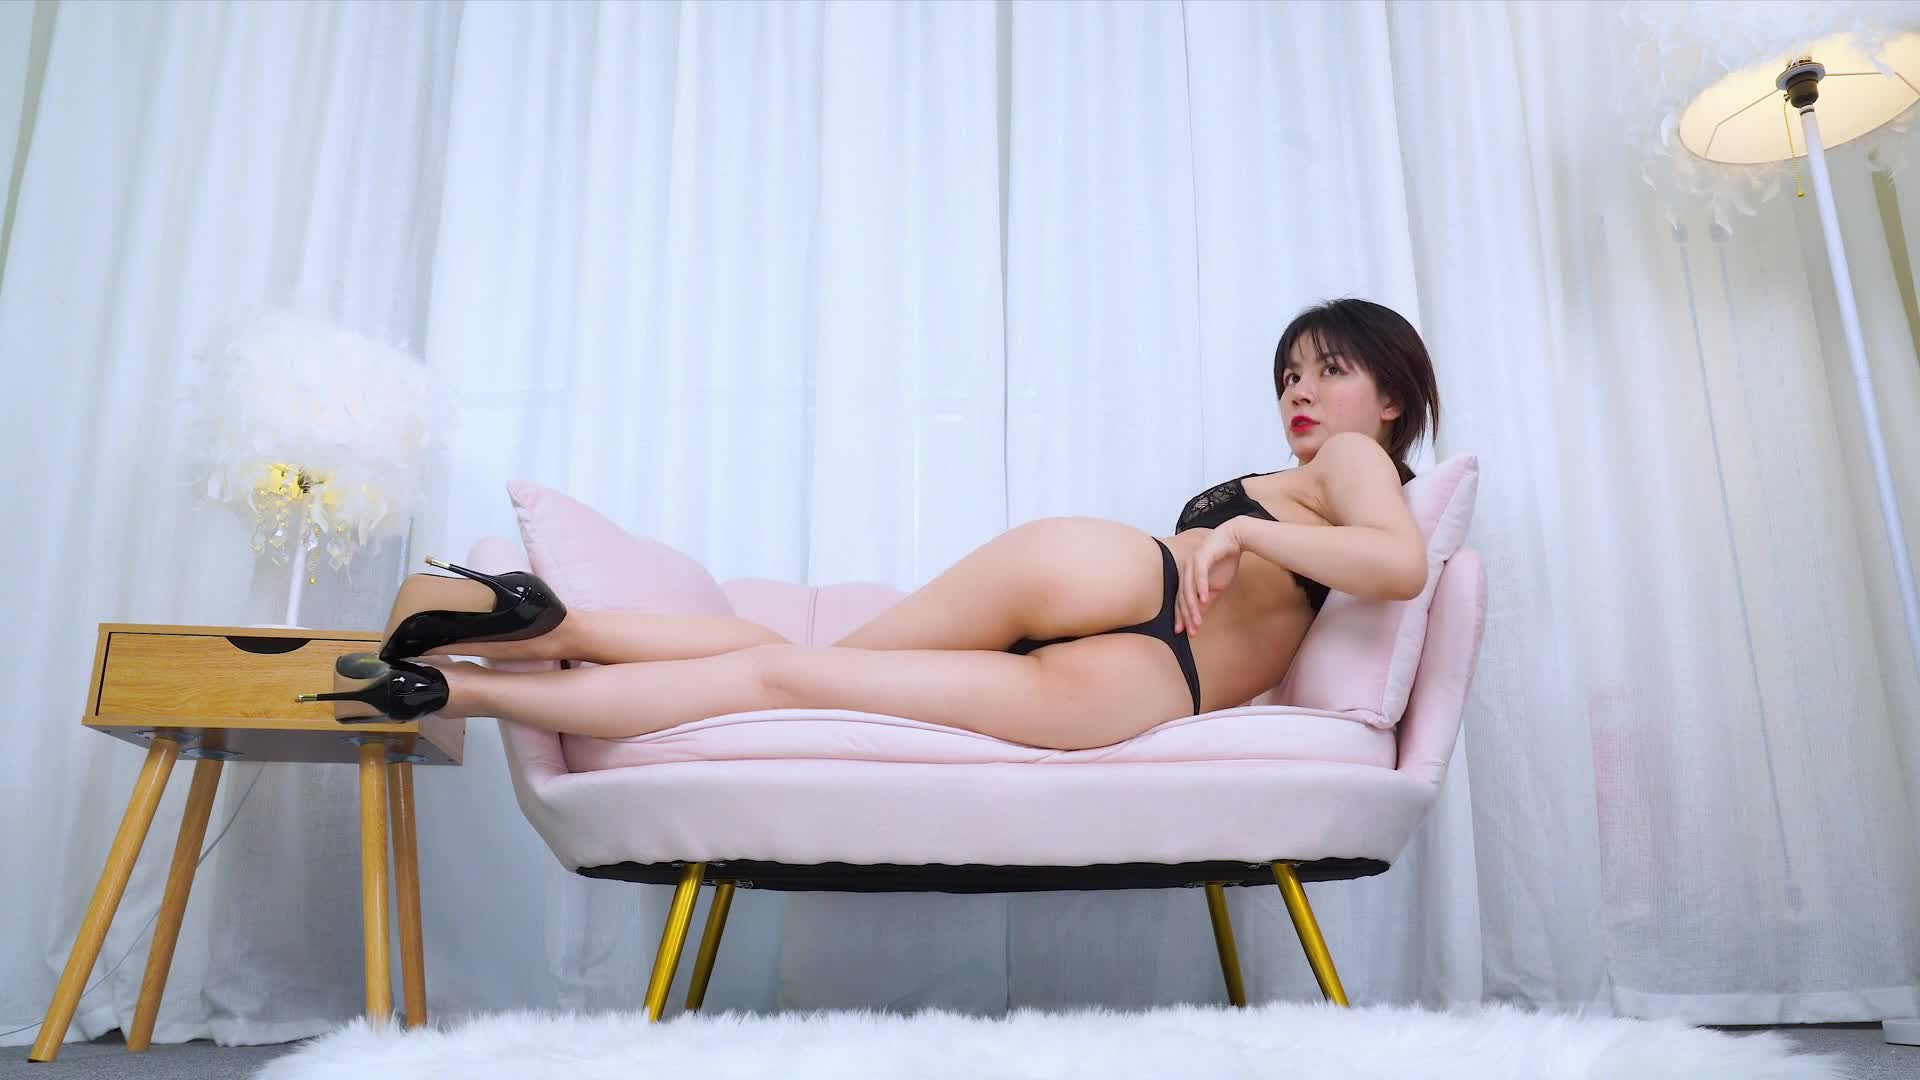 【维拉Villa可儿】沙发上性感慢摇热舞